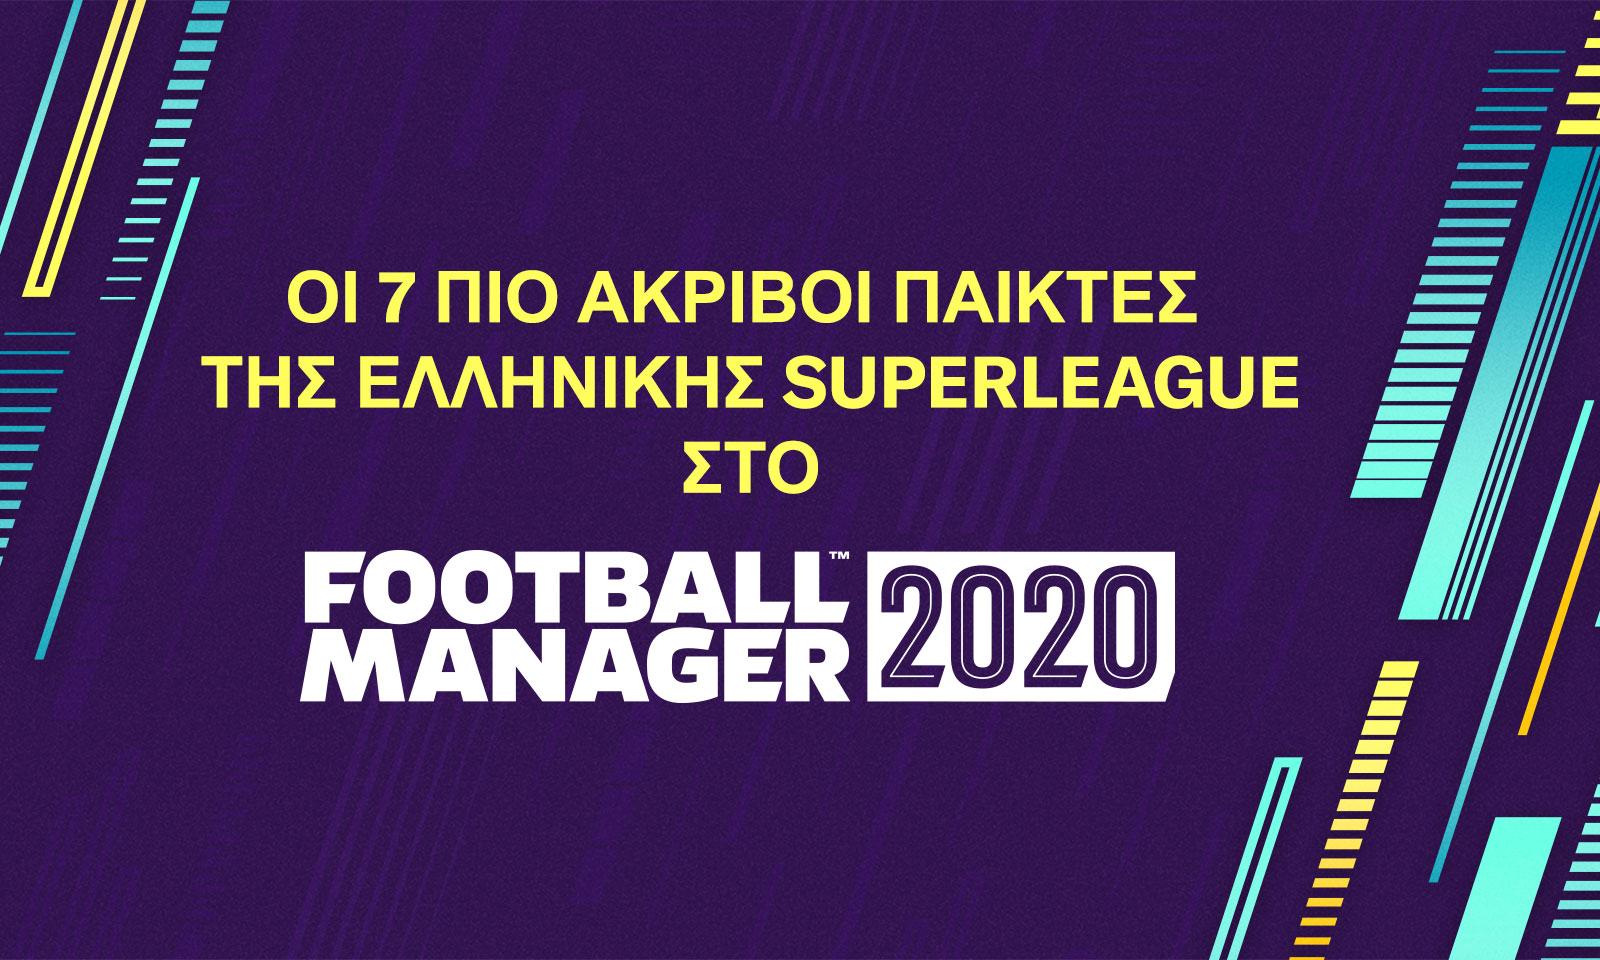 Οι 7 πιο ακριβοί παίκτες της Superleague στο FM2020! (+ σύγκριση με transfermarkt)